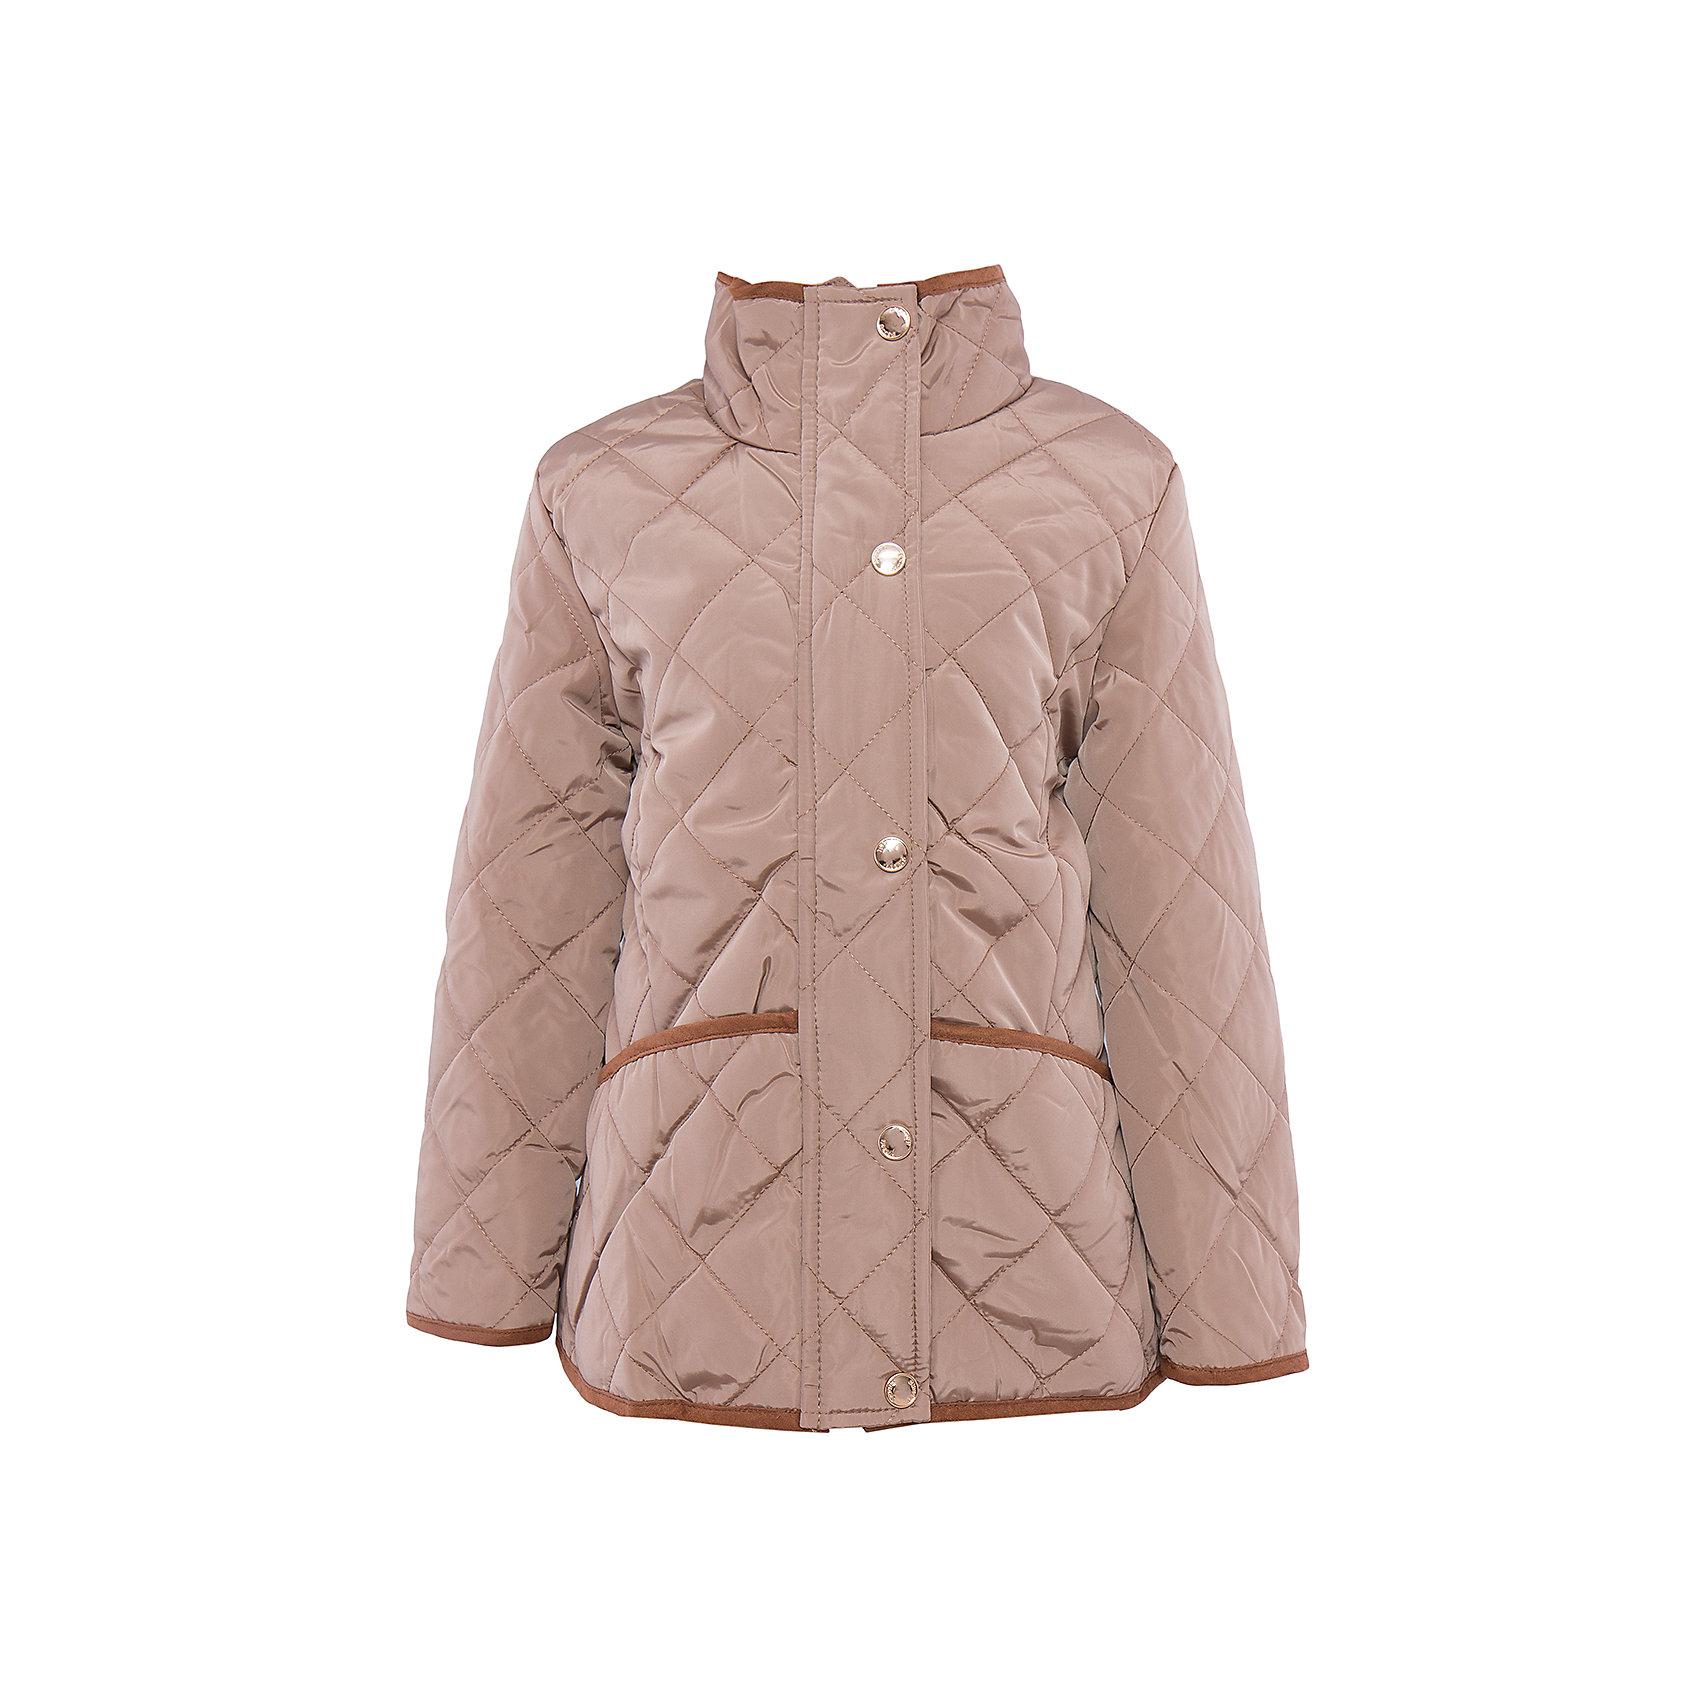 Куртка для девочки Sweet BerryДемисезонные куртки<br>Куртка для девочки.<br><br>Температурный режим: до -5 градусов. Степень утепления – низкая. <br><br>* Температурный режим указан приблизительно — необходимо, прежде всего, ориентироваться на ощущения ребенка. Температурный режим работает в случае соблюдения правила многослойности – использования флисовой поддевы и термобелья.<br><br>Такая модель куртки для девочки отличается модным дизайном. Удачный крой обеспечит ребенку комфорт и тепло. Наполнитель и подкладка делаею вещь идеальной для прохладной погоды. Она плотно прилегает к телу там, где нужно, и отлично сидит по фигуре. Есть вместительные карманы.<br>Одежда от бренда Sweet Berry - это простой и выгодный способ одеть ребенка удобно и стильно. Всё изделия тщательно проработаны: швы - прочные, материал - качественный, фурнитура - подобранная специально для детей. <br><br>Дополнительная информация:<br><br>цвет: бежевый;<br>материал: верх, подкладка, наполнитель - 100% полиэстер;<br>застежка: молния;<br>карманы.<br><br>Куртку для девочки от бренда Sweet Berry можно купить в нашем интернет-магазине.<br><br>Ширина мм: 356<br>Глубина мм: 10<br>Высота мм: 245<br>Вес г: 519<br>Цвет: бежевый<br>Возраст от месяцев: 24<br>Возраст до месяцев: 36<br>Пол: Женский<br>Возраст: Детский<br>Размер: 98,104,110,116,122,128<br>SKU: 4931395